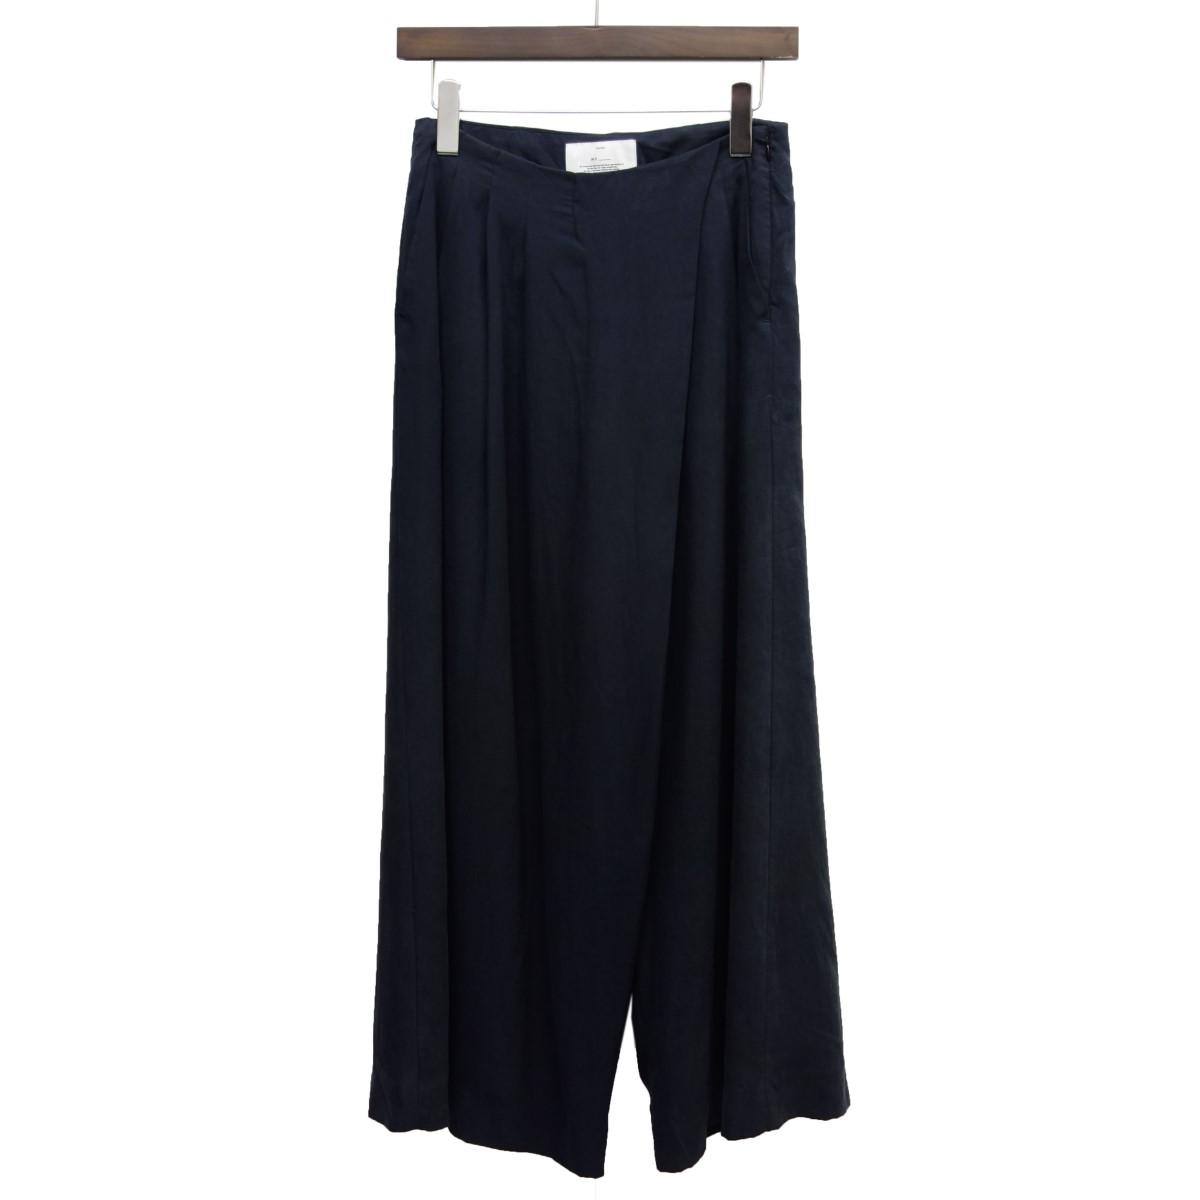 【中古】MY ラップデザインパンツ ブラック サイズ:0 【110420】(マイ)